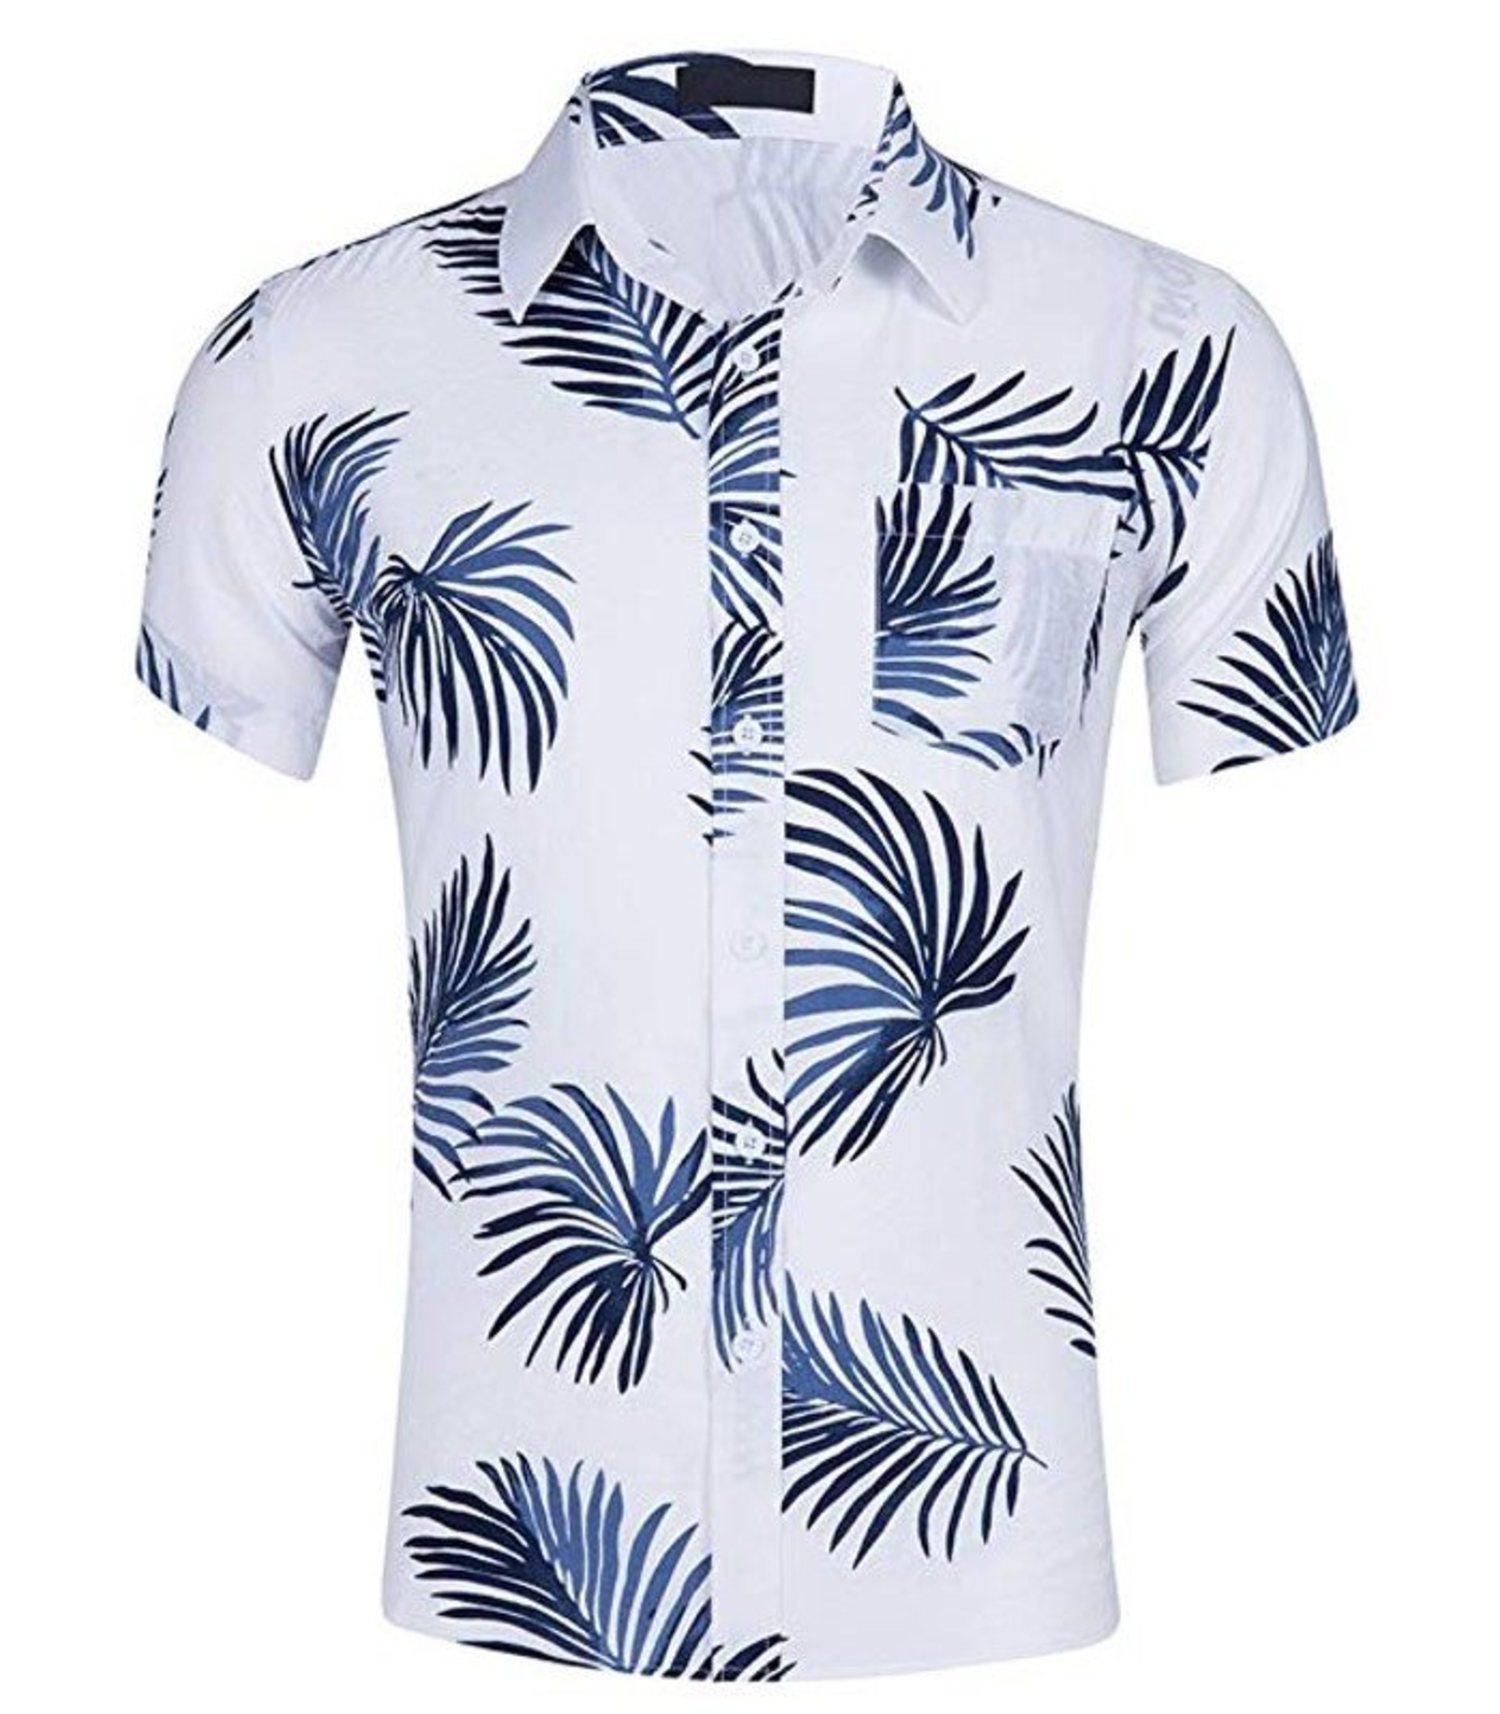 Camisa blanca con vegetales en tono azul